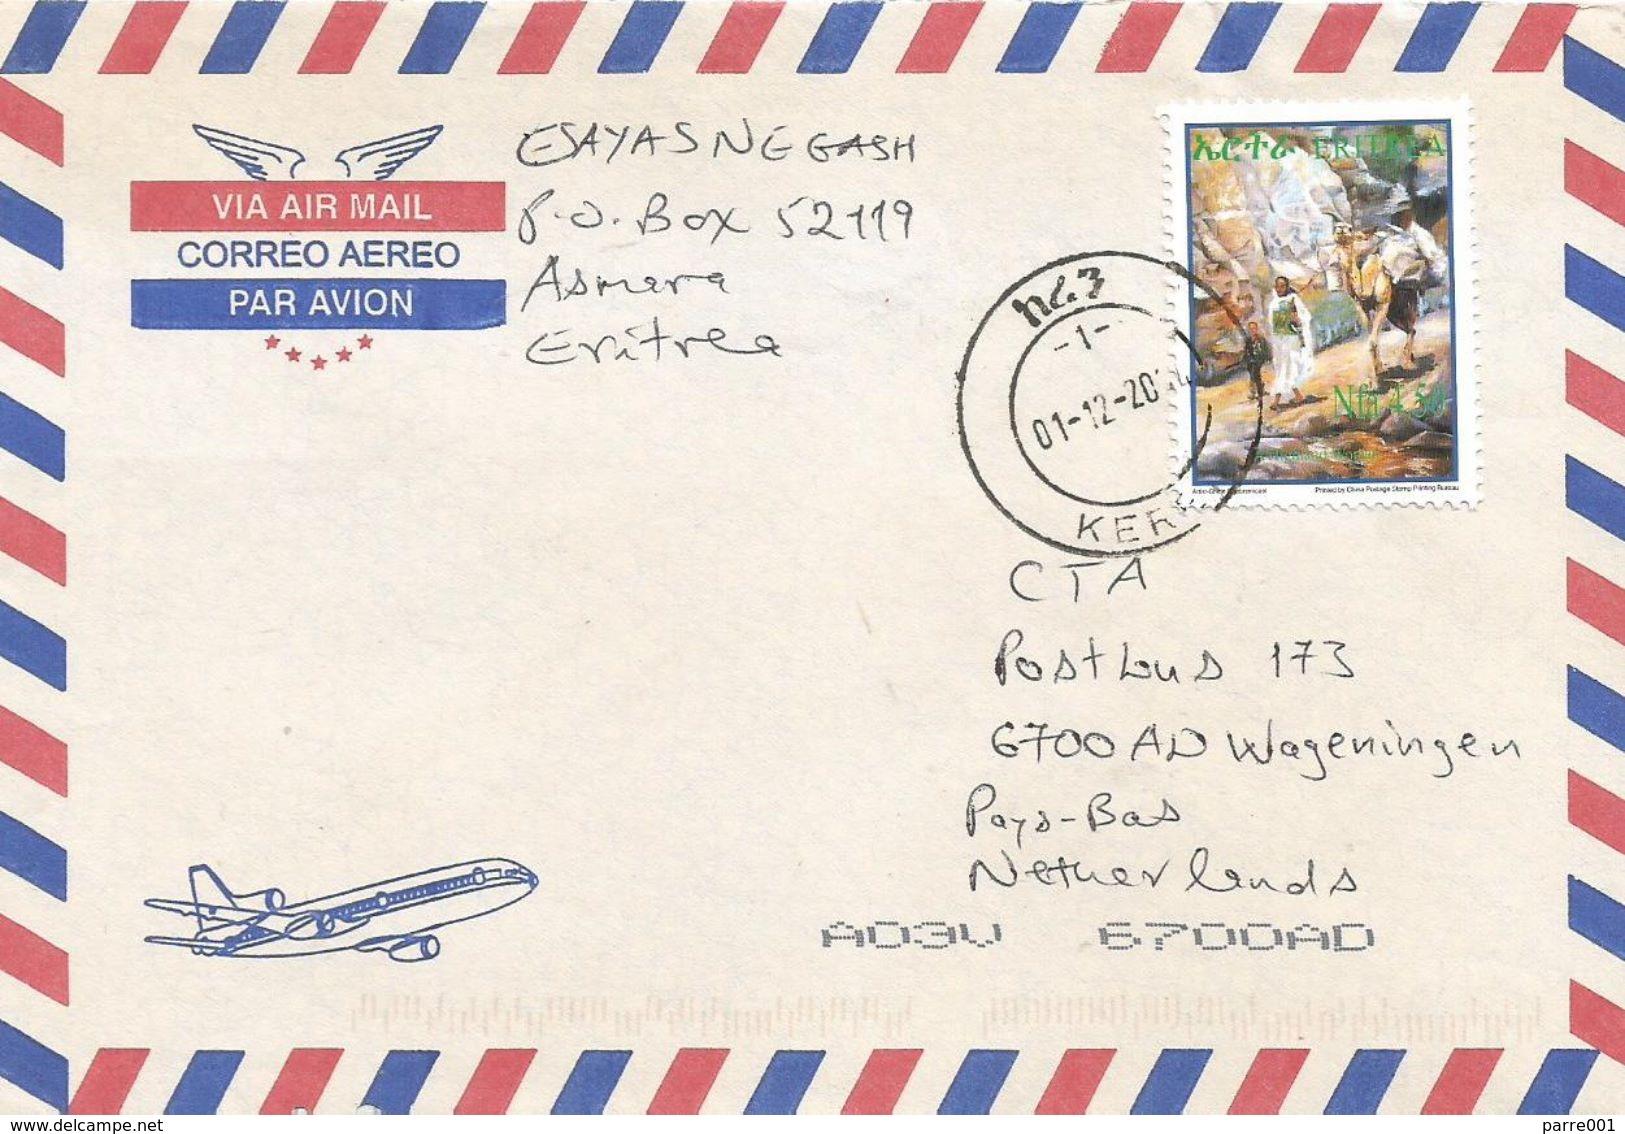 Eritrea 2004 Keren Camel Cover - Eritrea